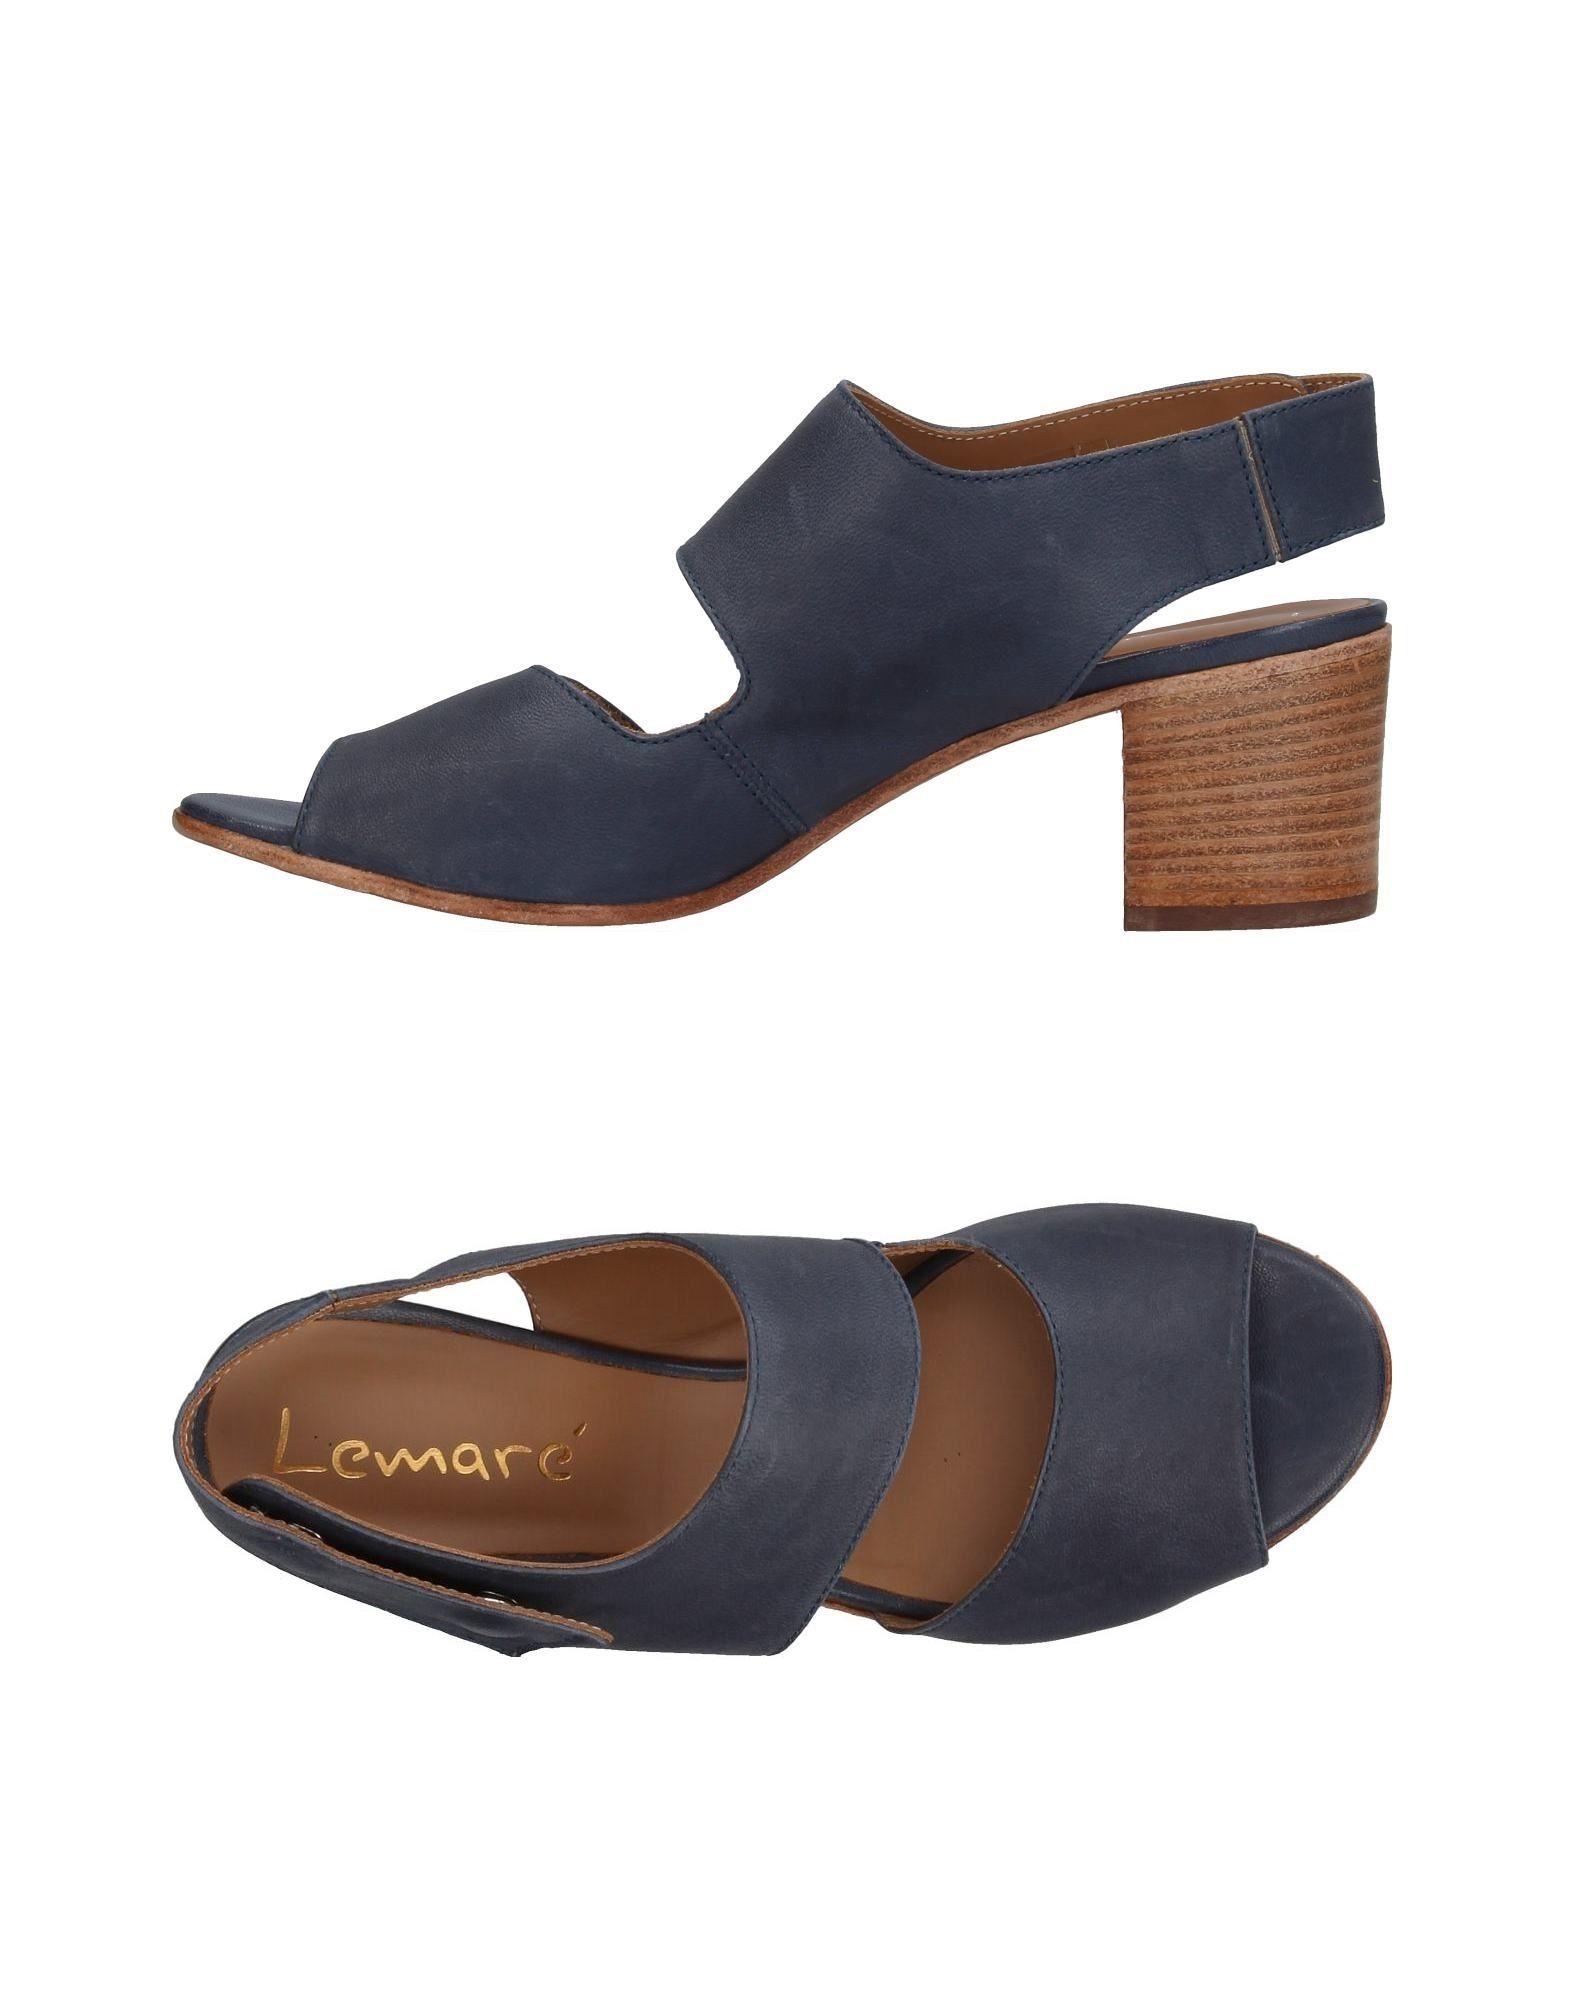 LEMARÉ Damen Sandale Farbe Taubenblau Größe 15 jetztbilligerkaufen